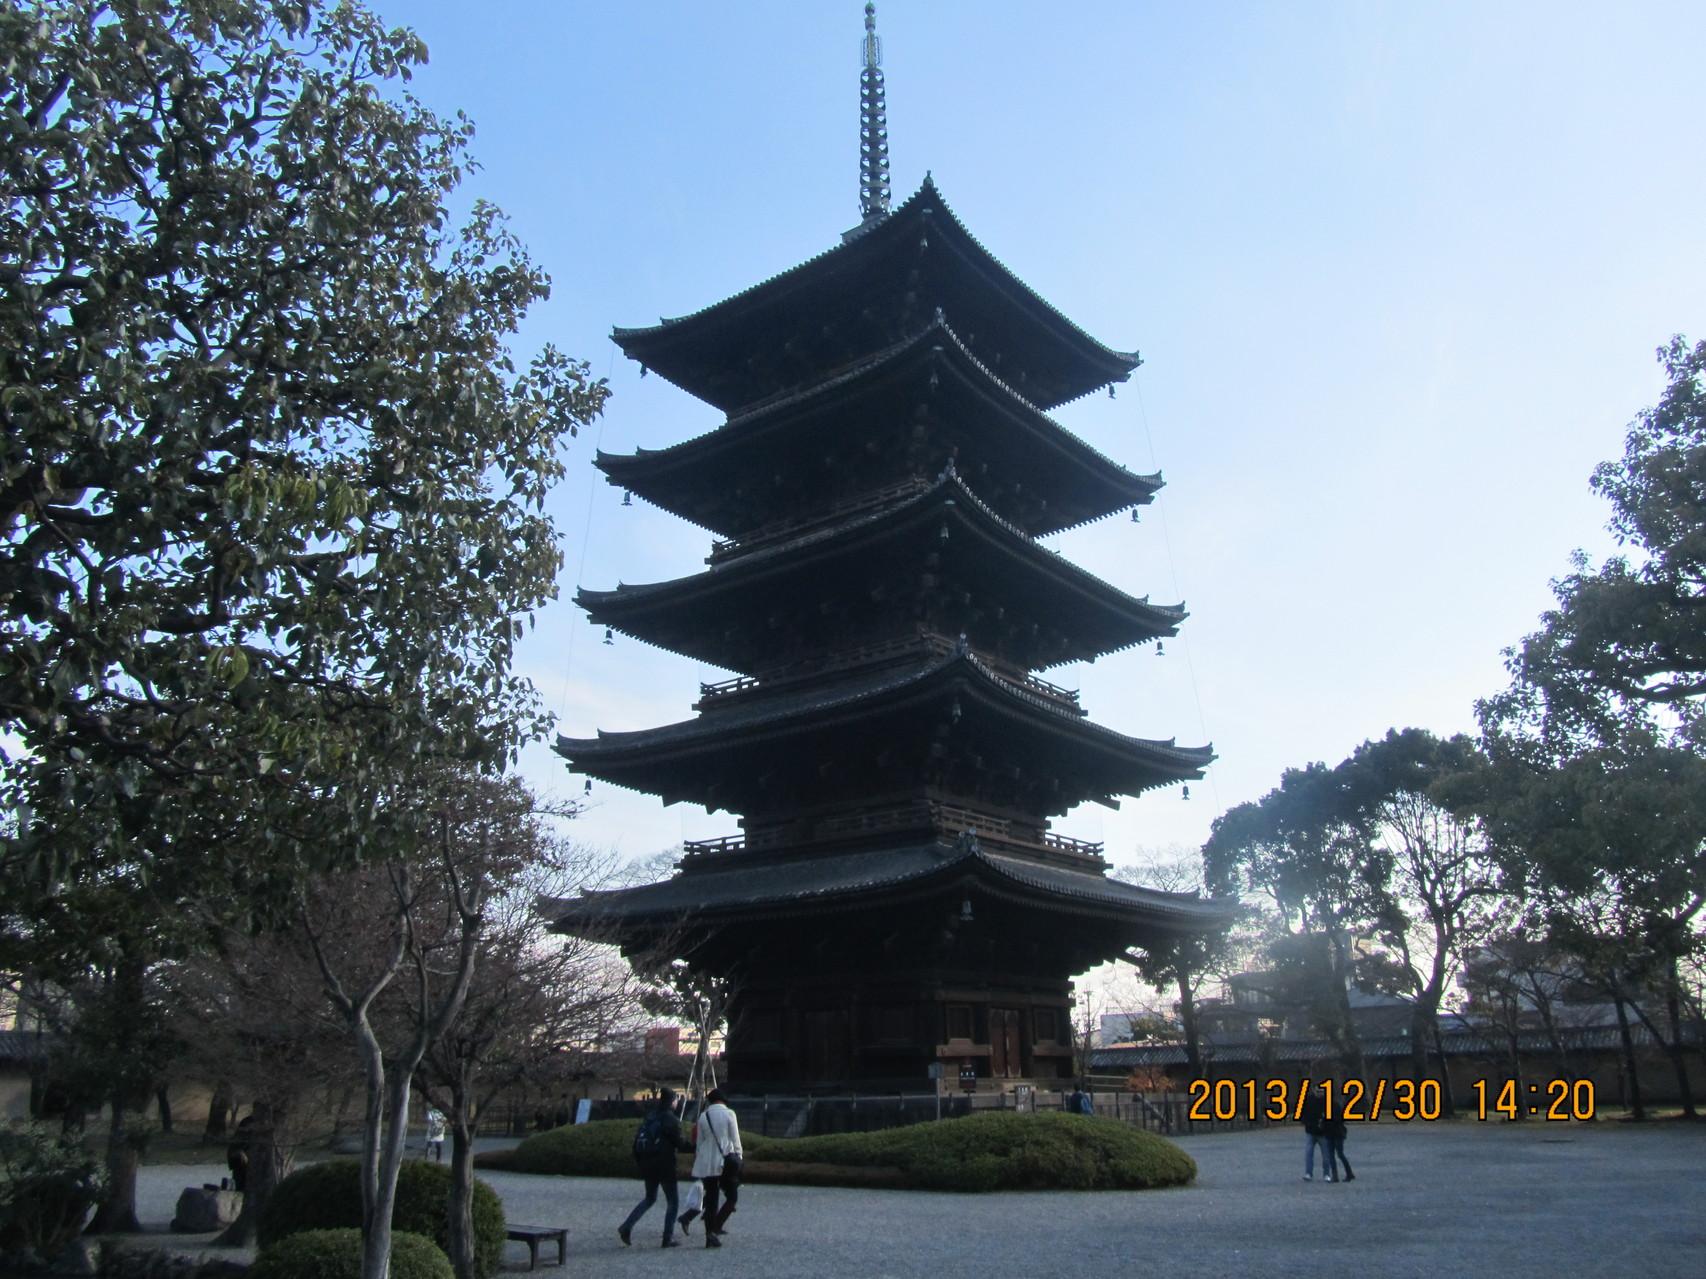 東寺の五重塔。国宝です。